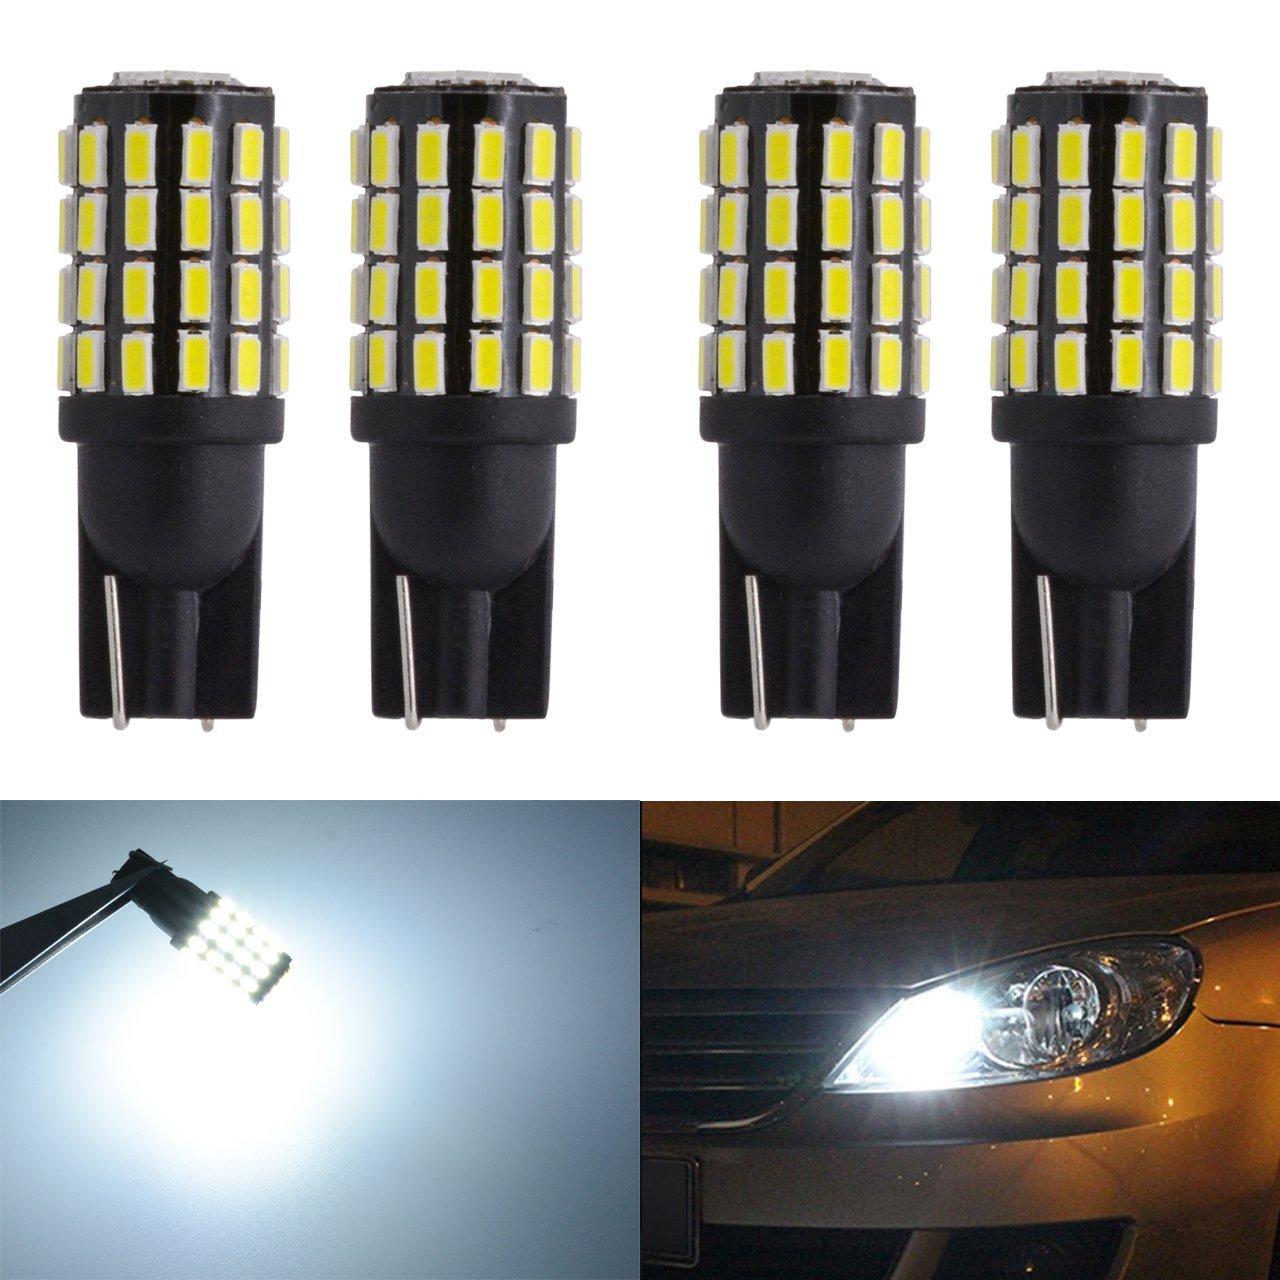 Katur - T101681751942825W5W 3014 - 2phares LED extrêmement lumineux - Phare avant et arrière - 800lumens - Haute puissance - Ampoules LED 12 à 24 V - Blanc Xenon